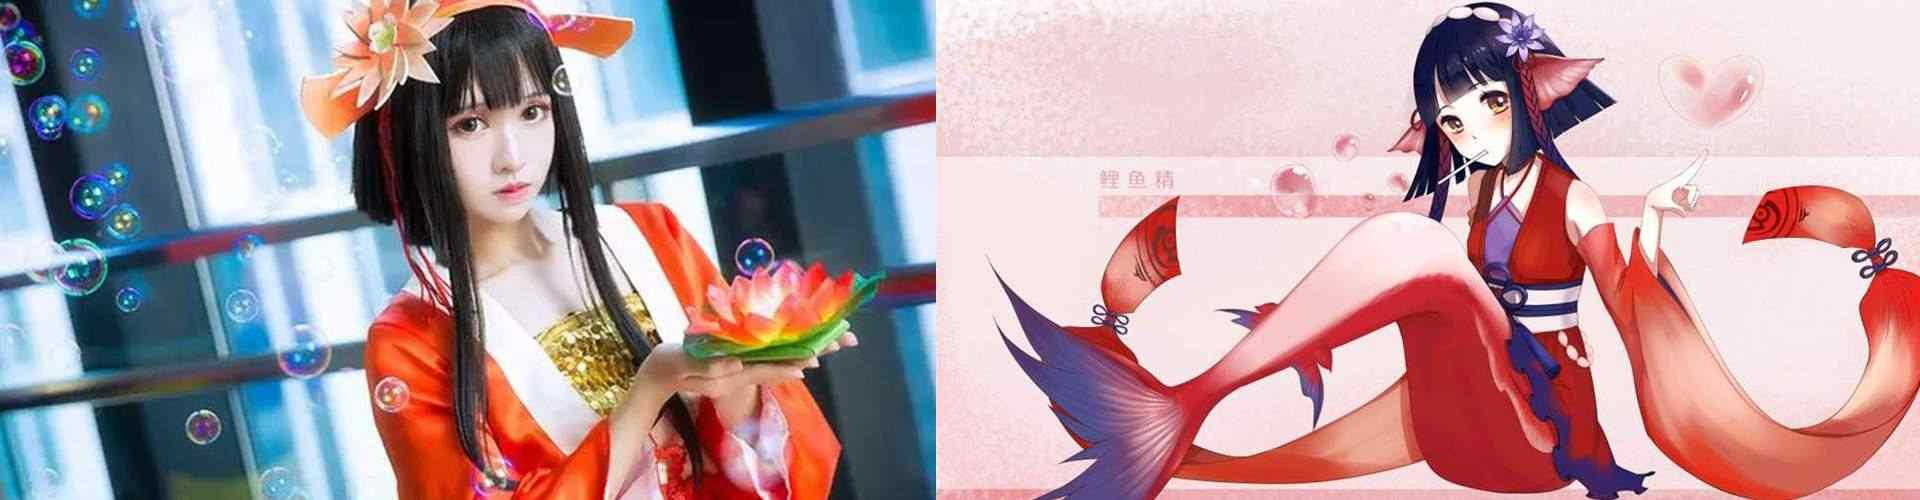 阴阳师鲤鱼精_鲤鱼精图片壁纸_阴阳师鲤鱼精哪里多_阴阳师游戏壁纸